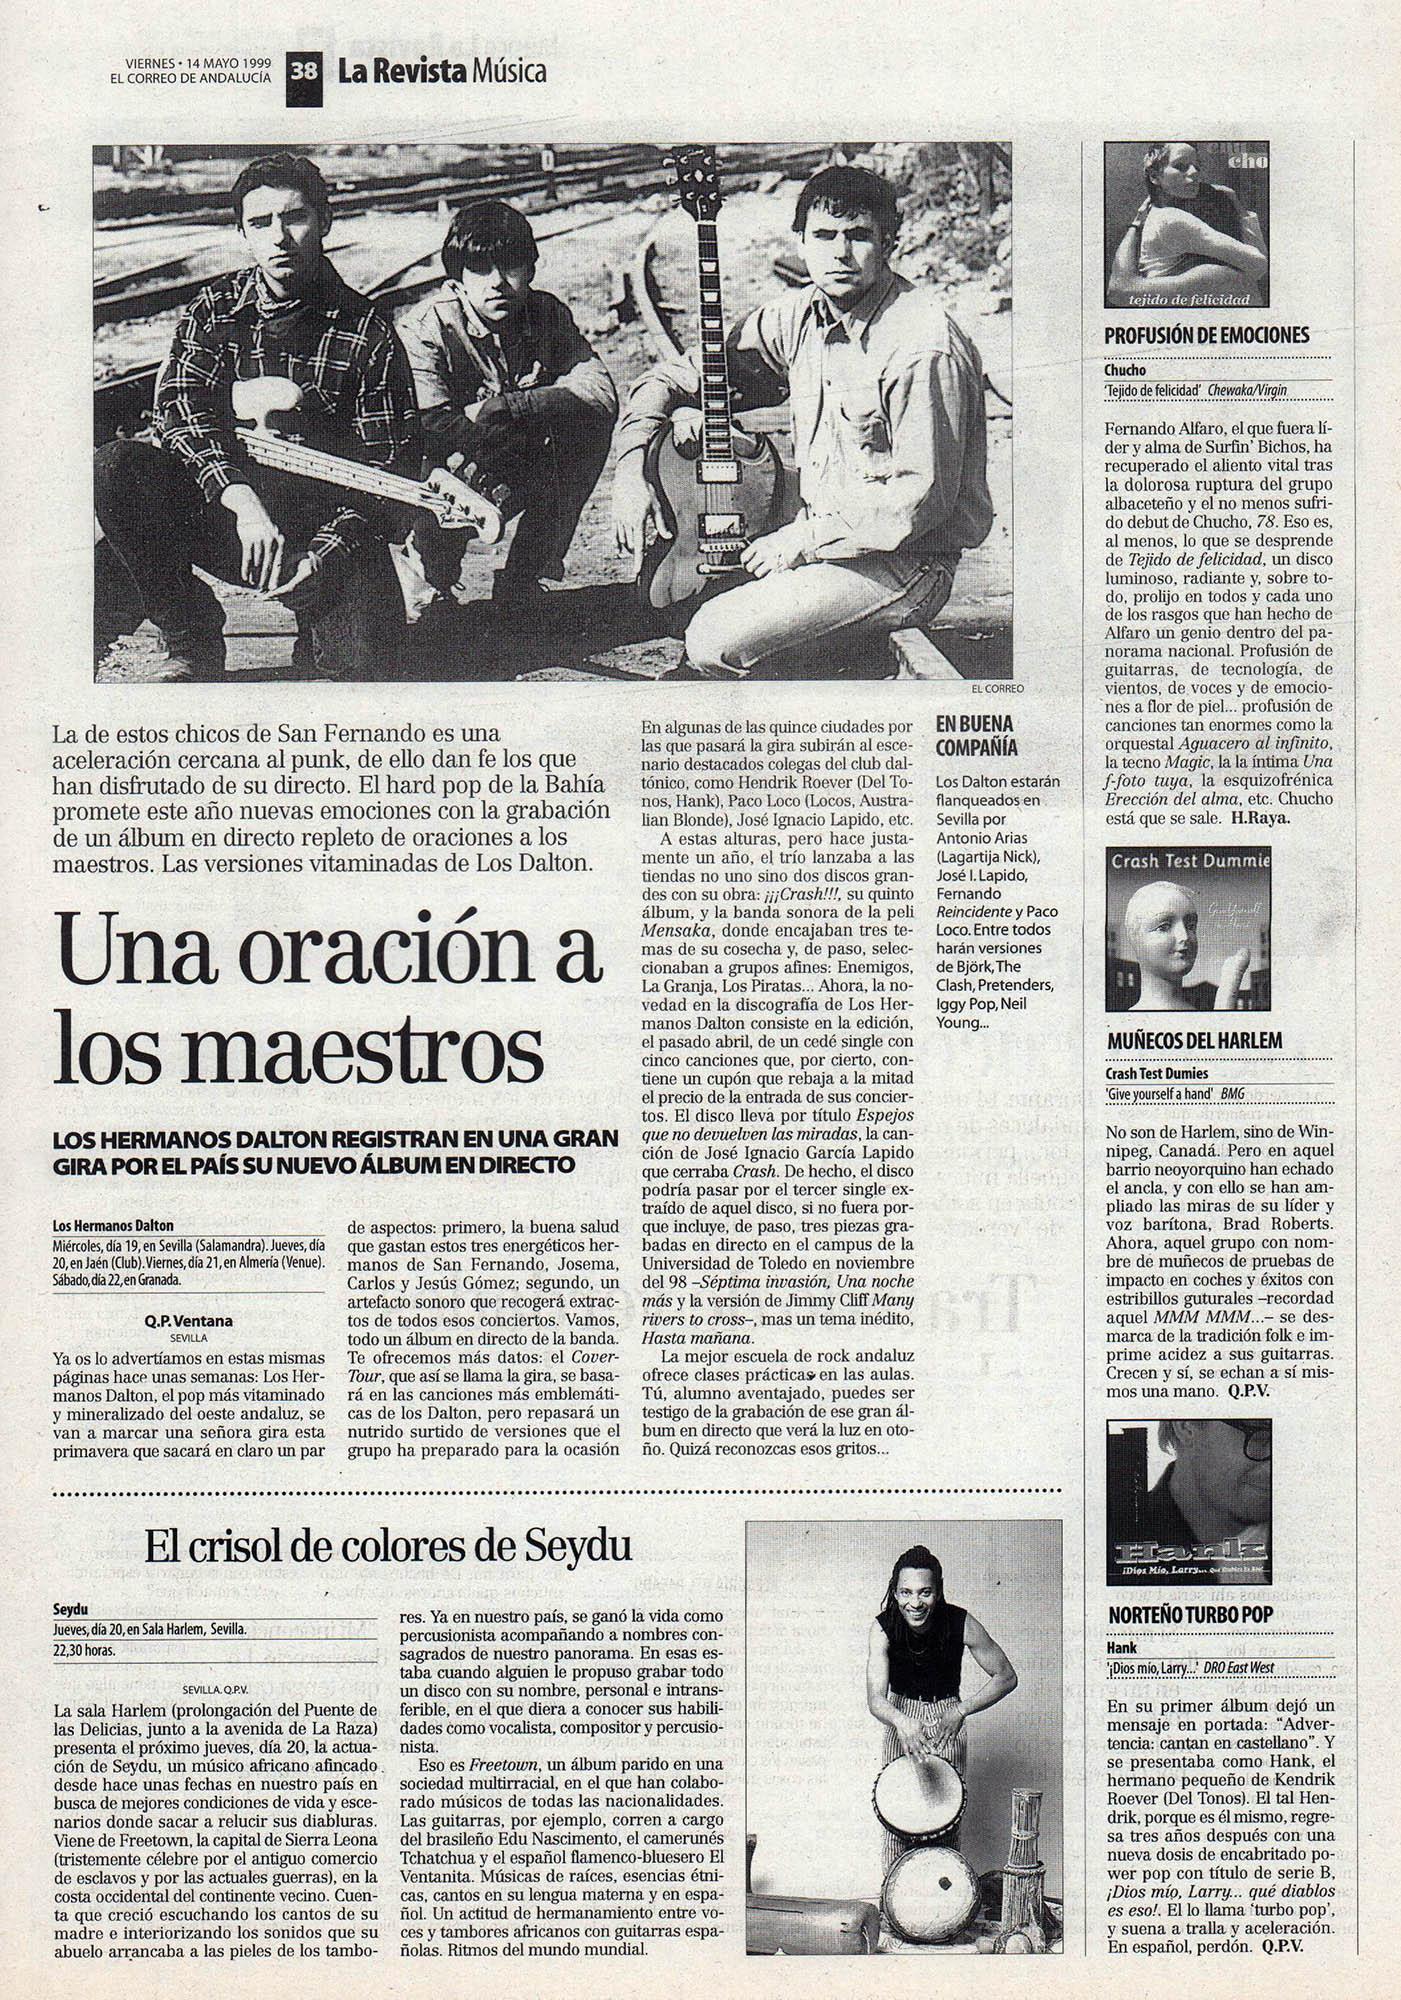 Los Hermanos Dalton, una oración a los maestros – Espejos que no devuelven las miradas | El crisol de colores de Seydu | El Correo de Andalucía | 14 may 1999